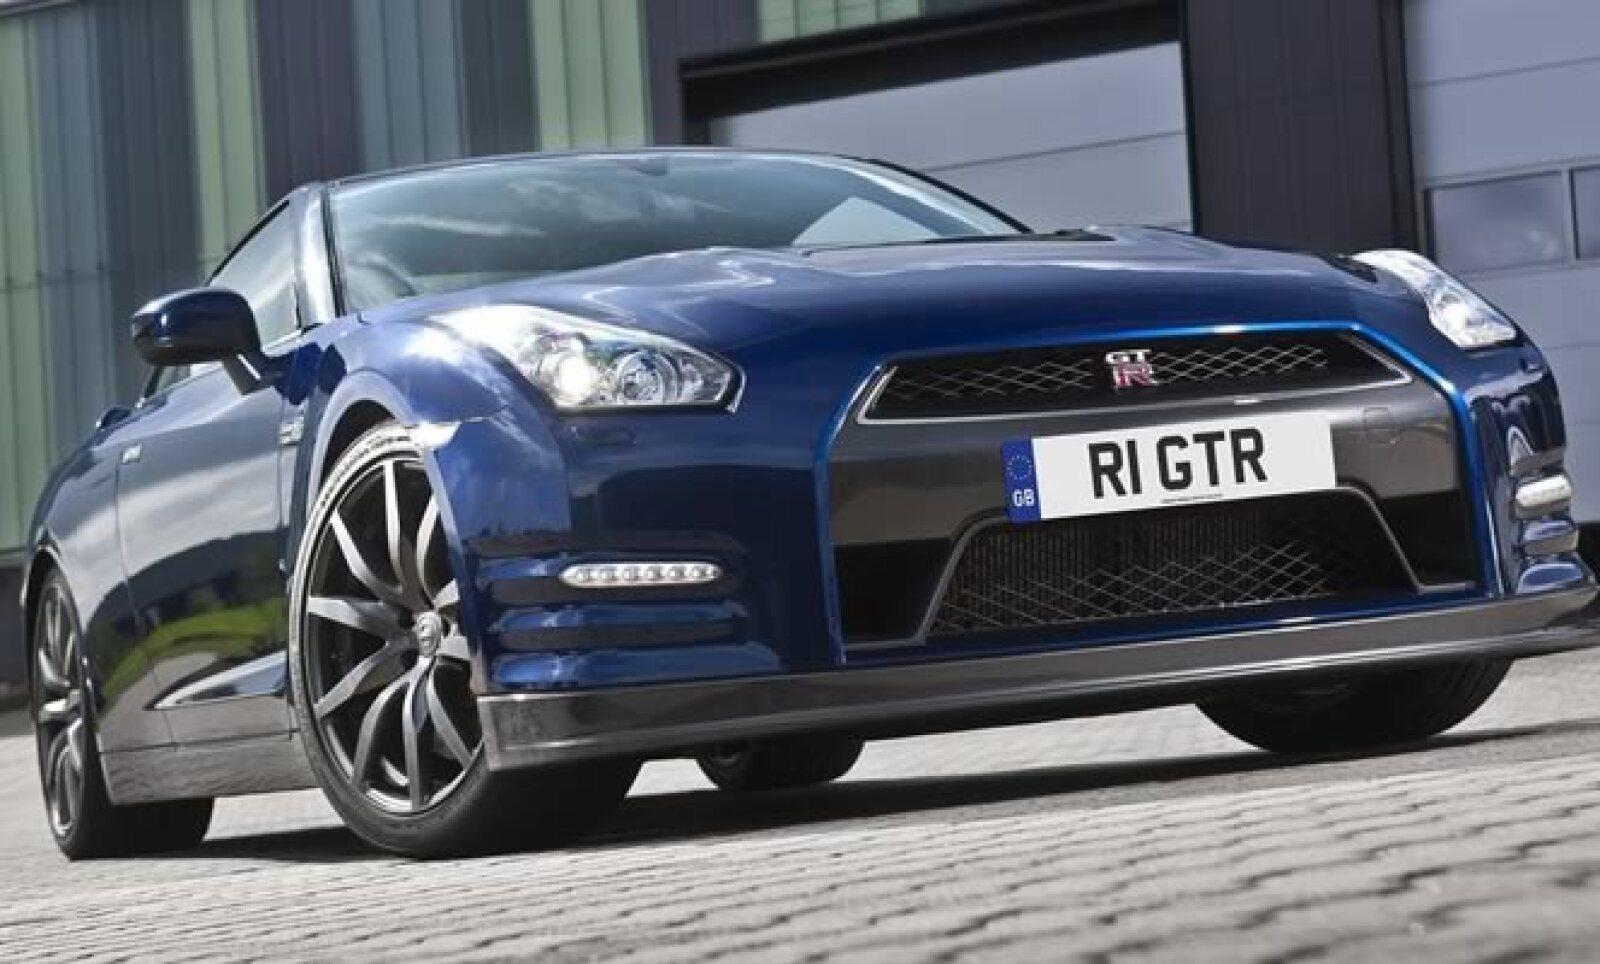 La firma japonesa presentó la nueva versión de su súper deportivo GT-R, con la etiqueta de ser un vehículo de alta velocidad y seguridad al manejar.